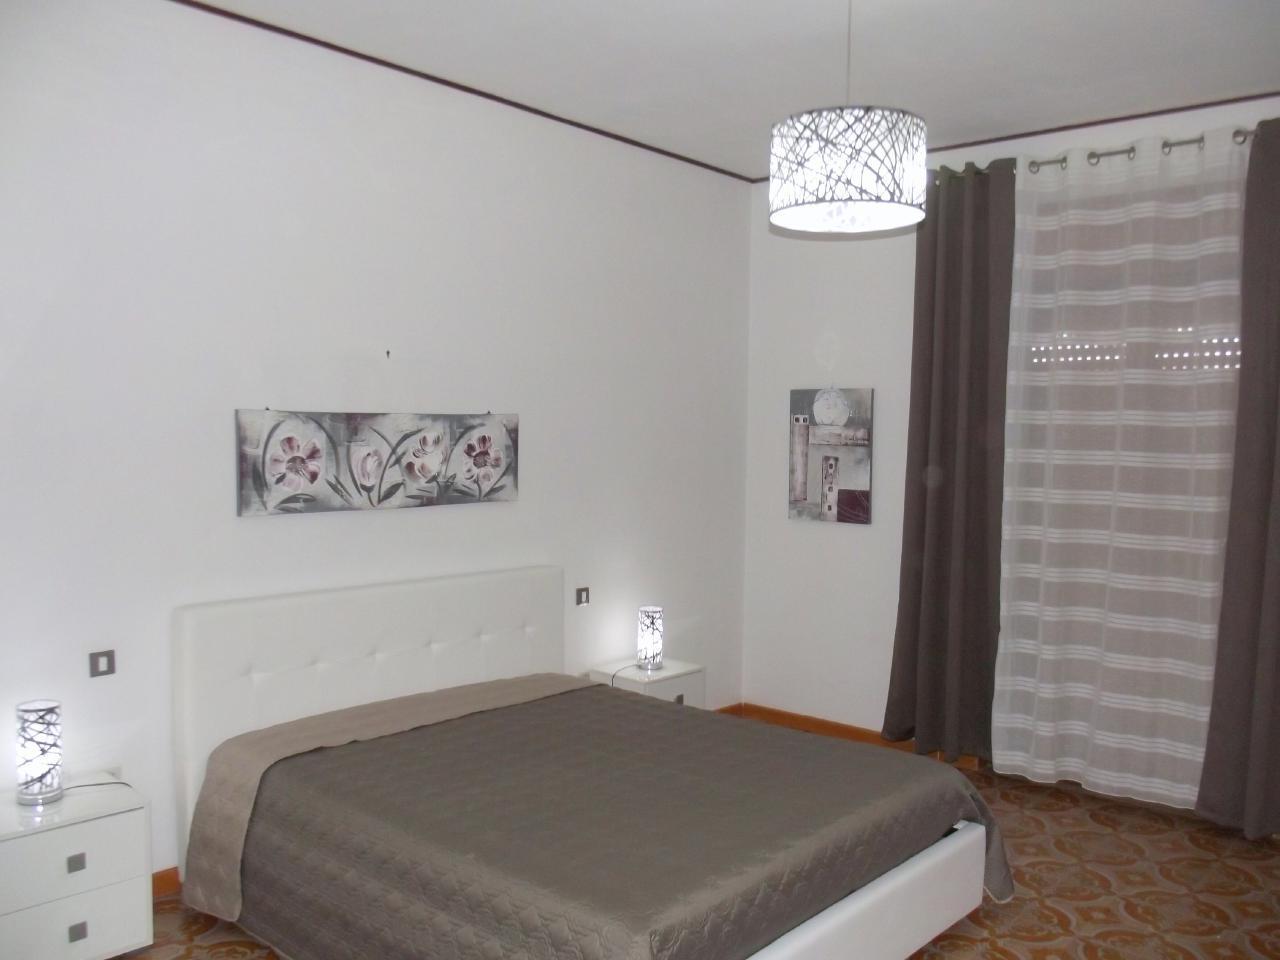 Appartement de vacances Silvy, Elegance Platz und Komfort (732206), Castellammare del Golfo, Trapani, Sicile, Italie, image 10